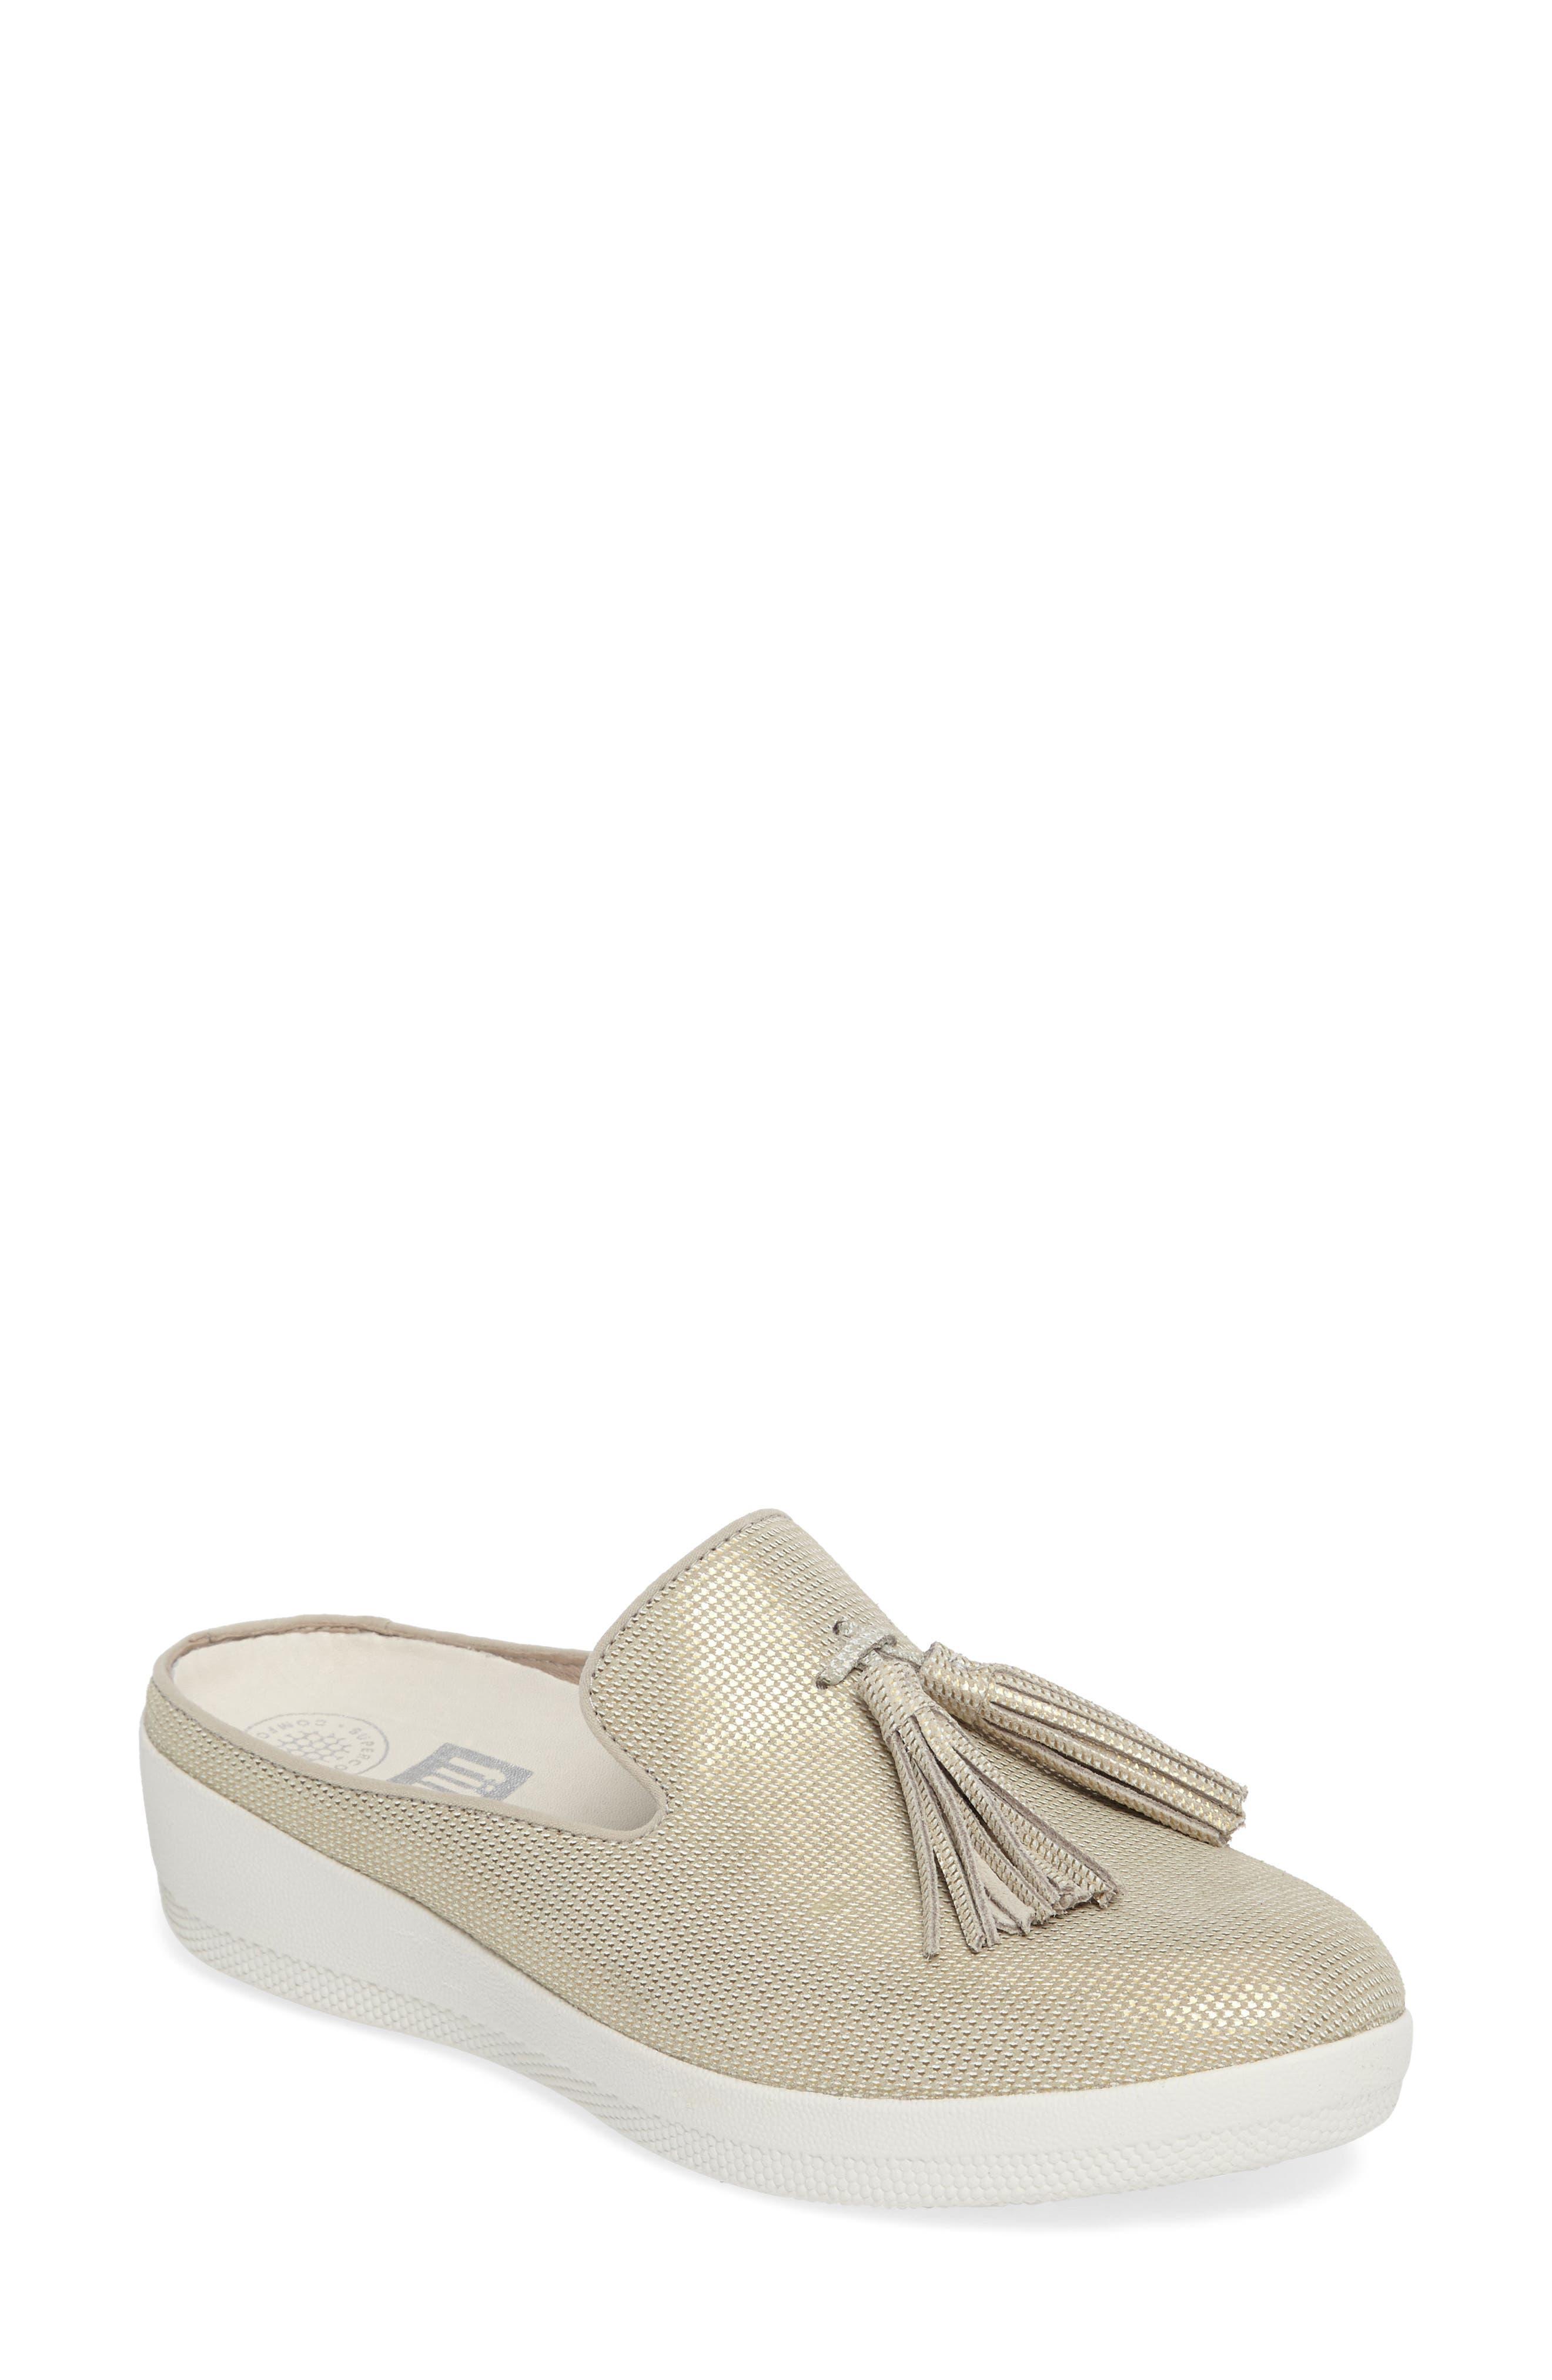 Superskate Slip-On Sneaker,                         Main,                         color,